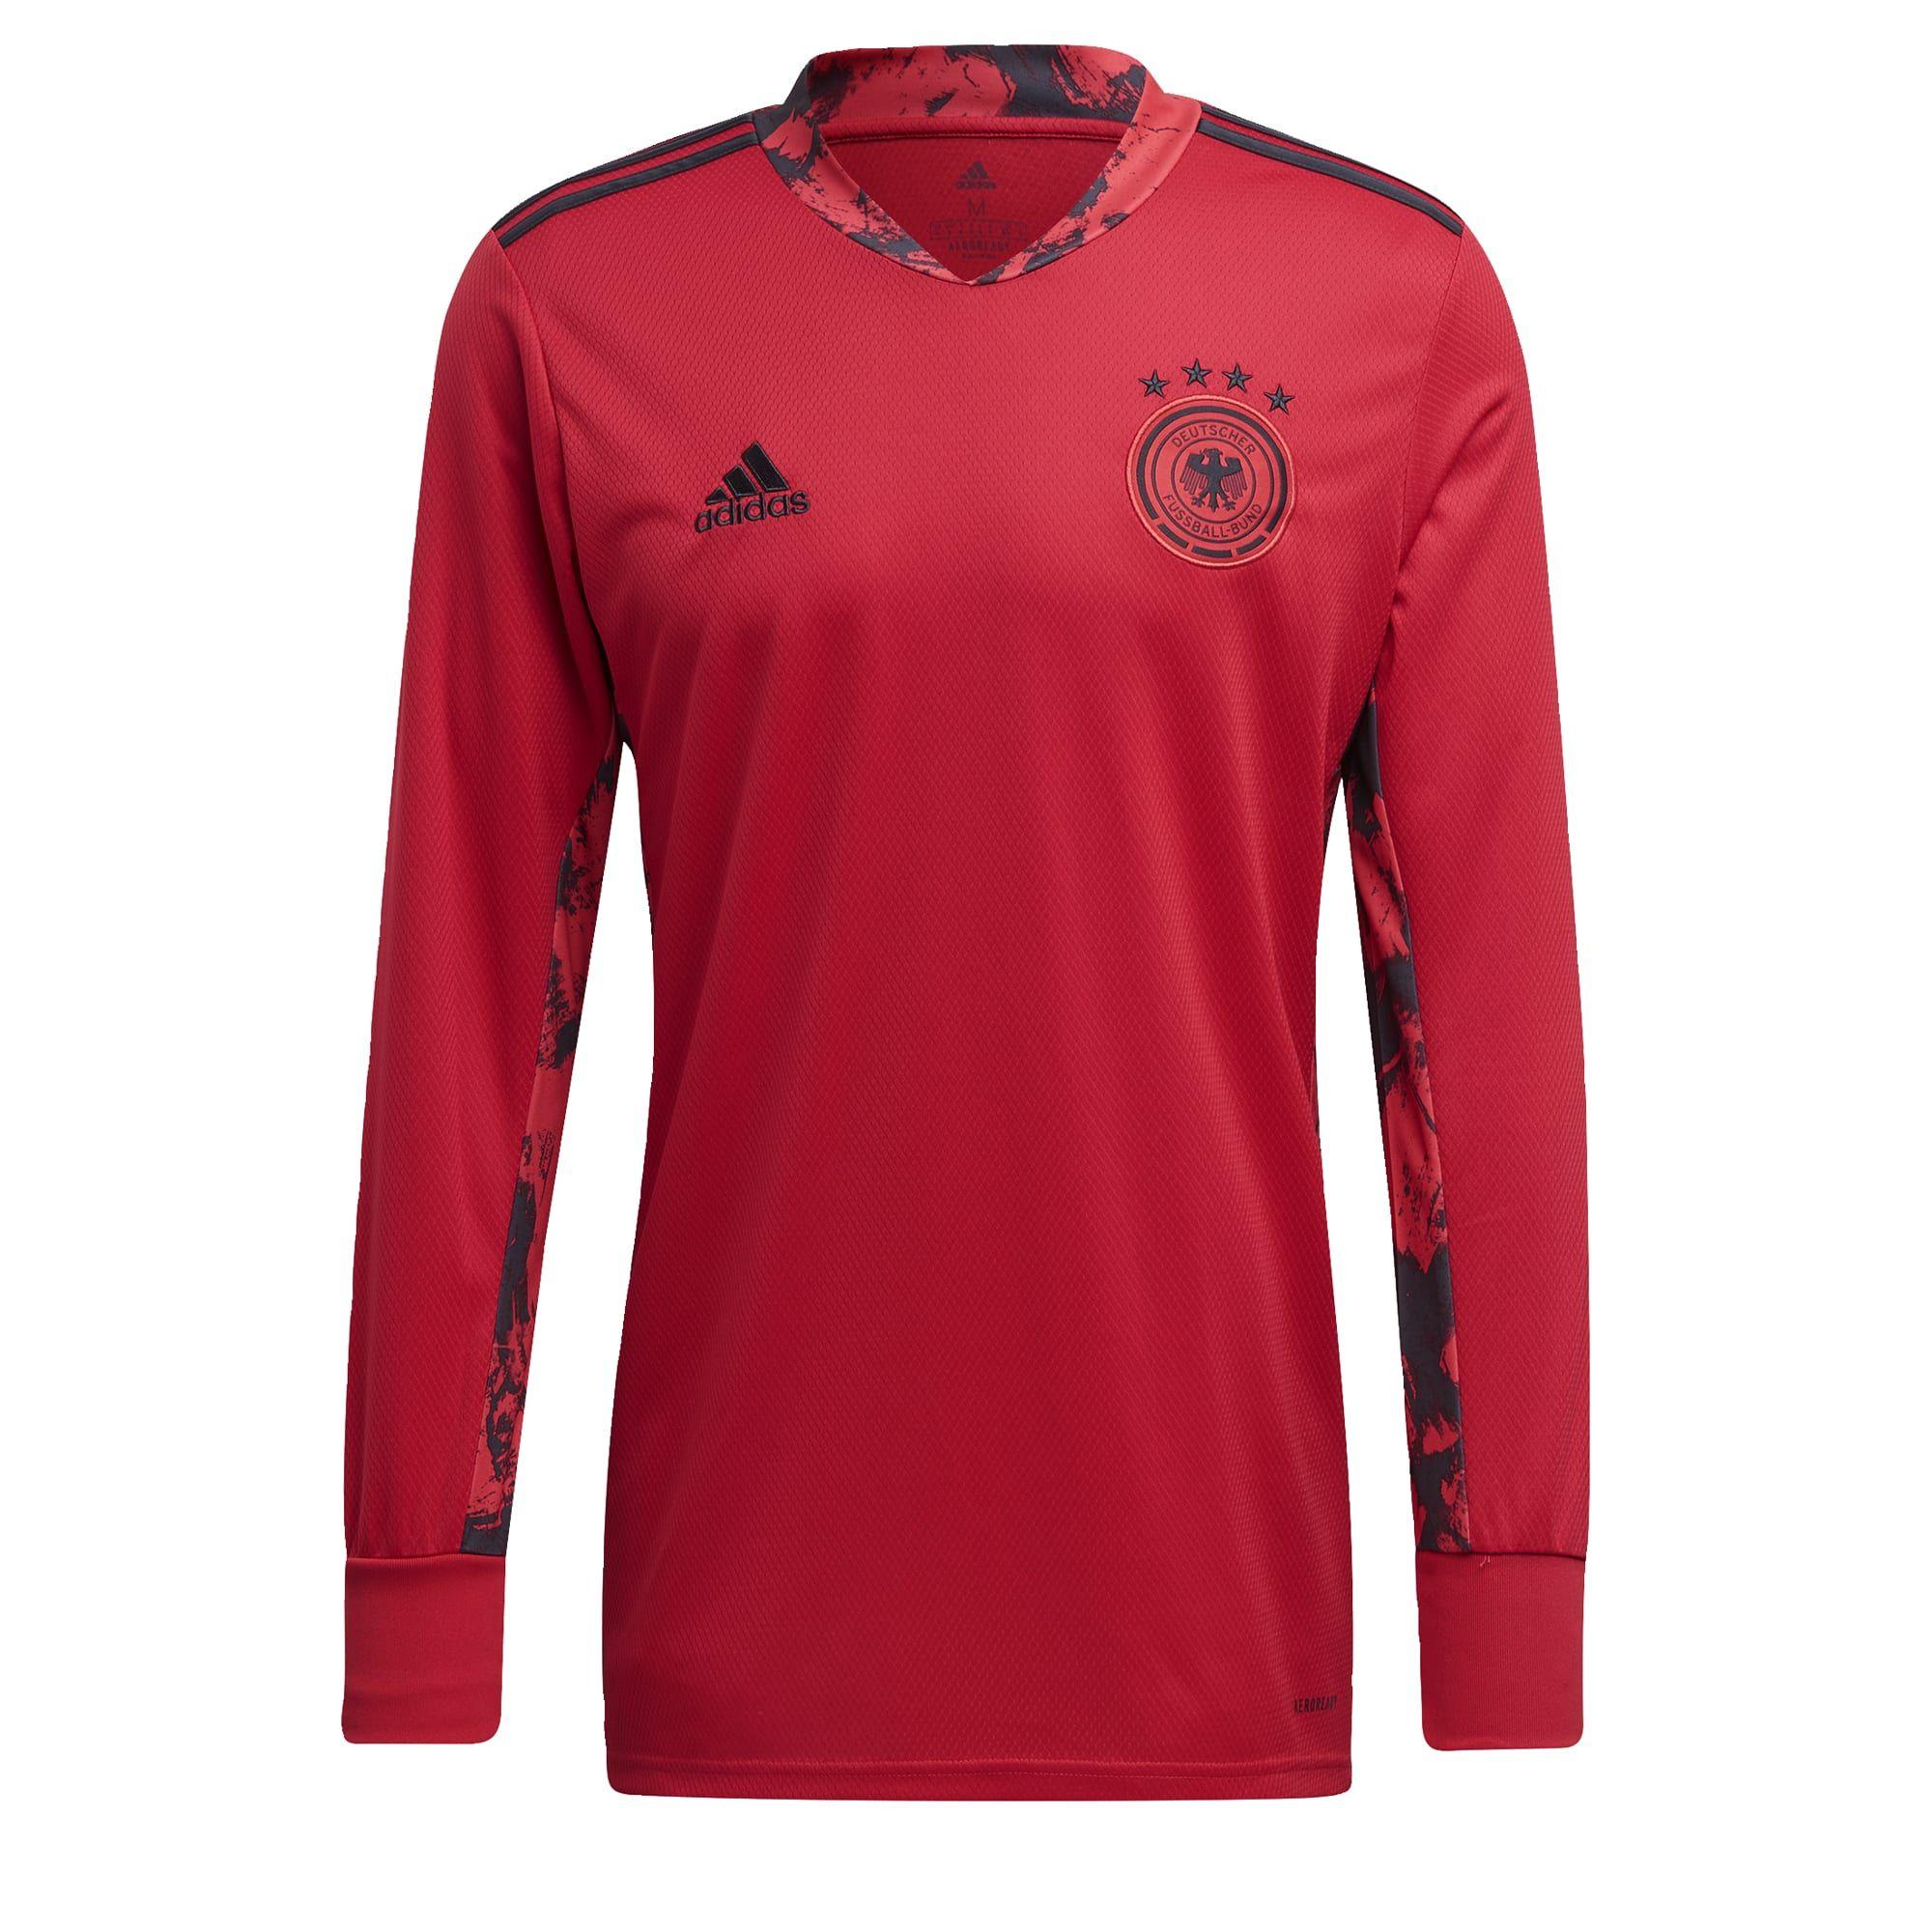 adidas Duitsland Keepersshirt Thuis 2020 Rood Zwart